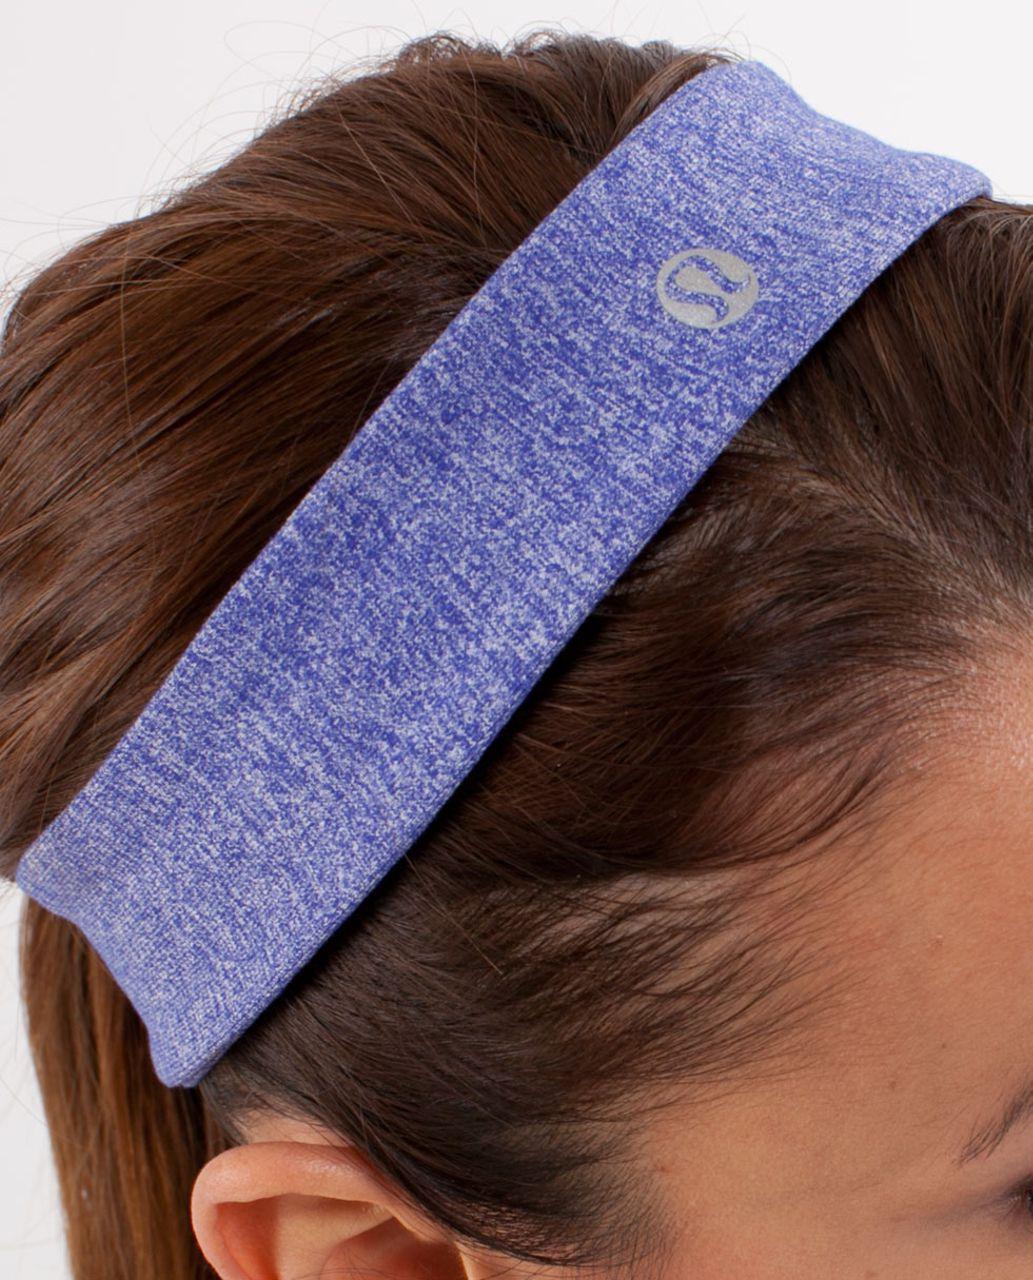 Lululemon Slipless Headband - Heathered Pigment Blue